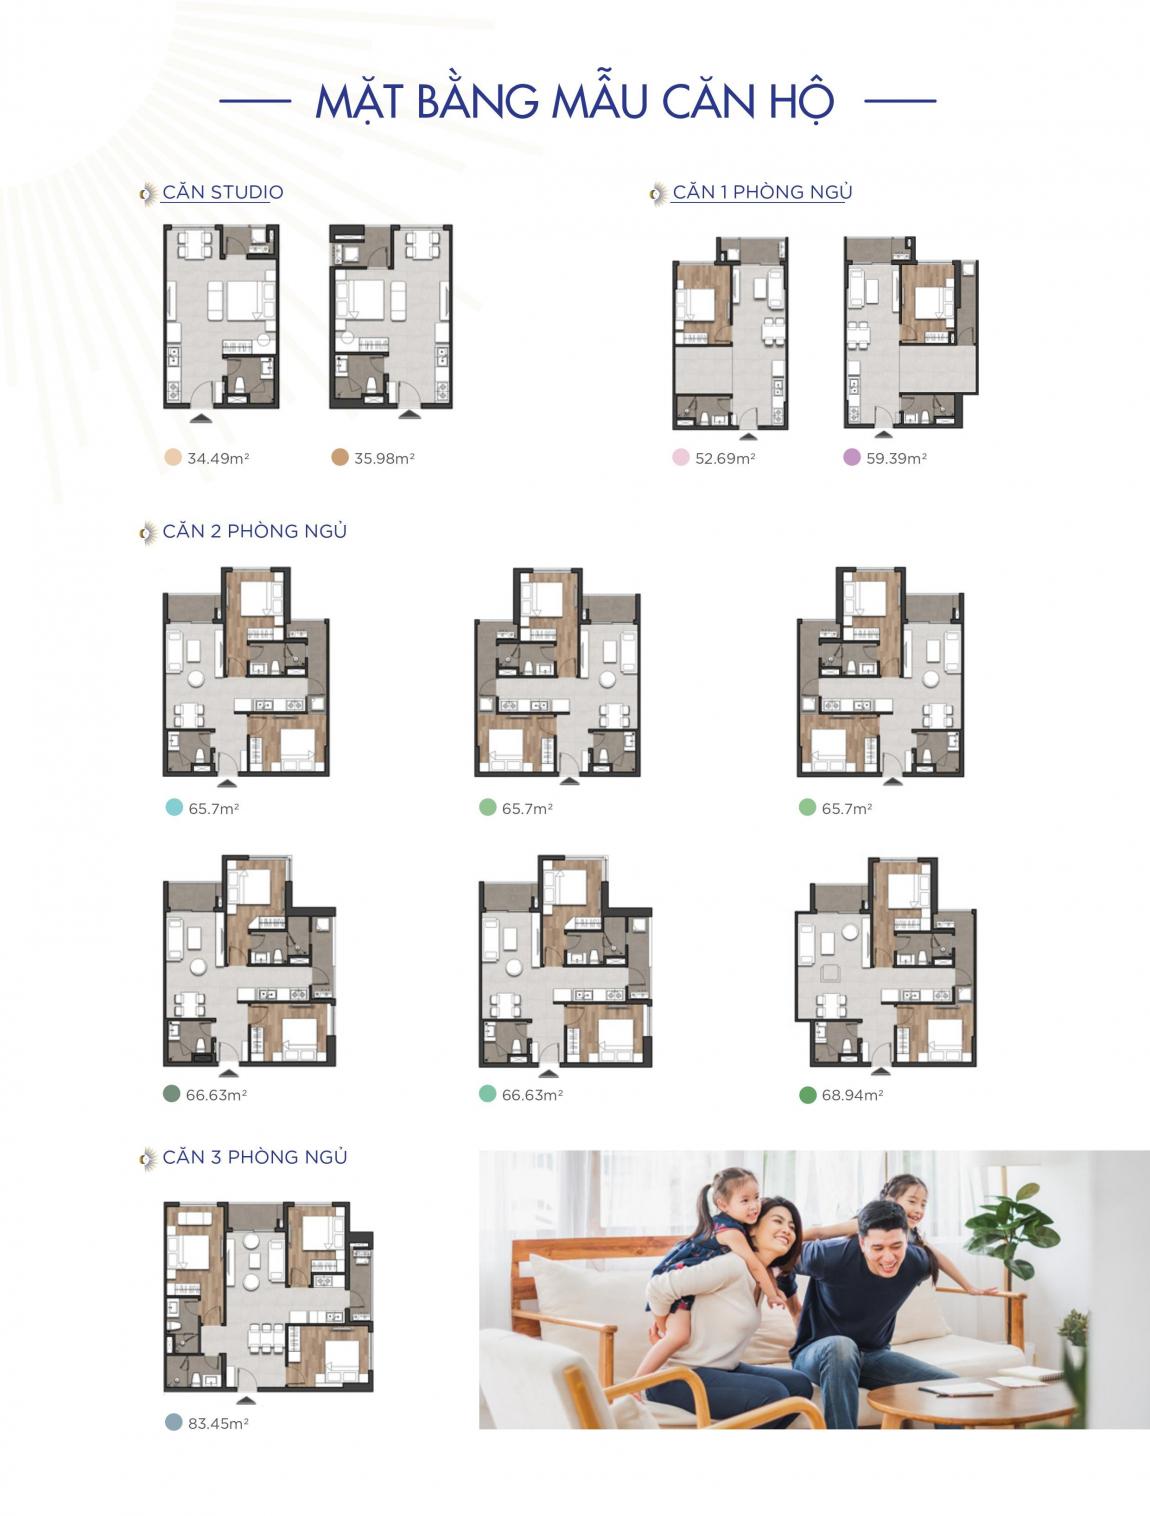 mặt bằng căn hộ moonlight centre point 7